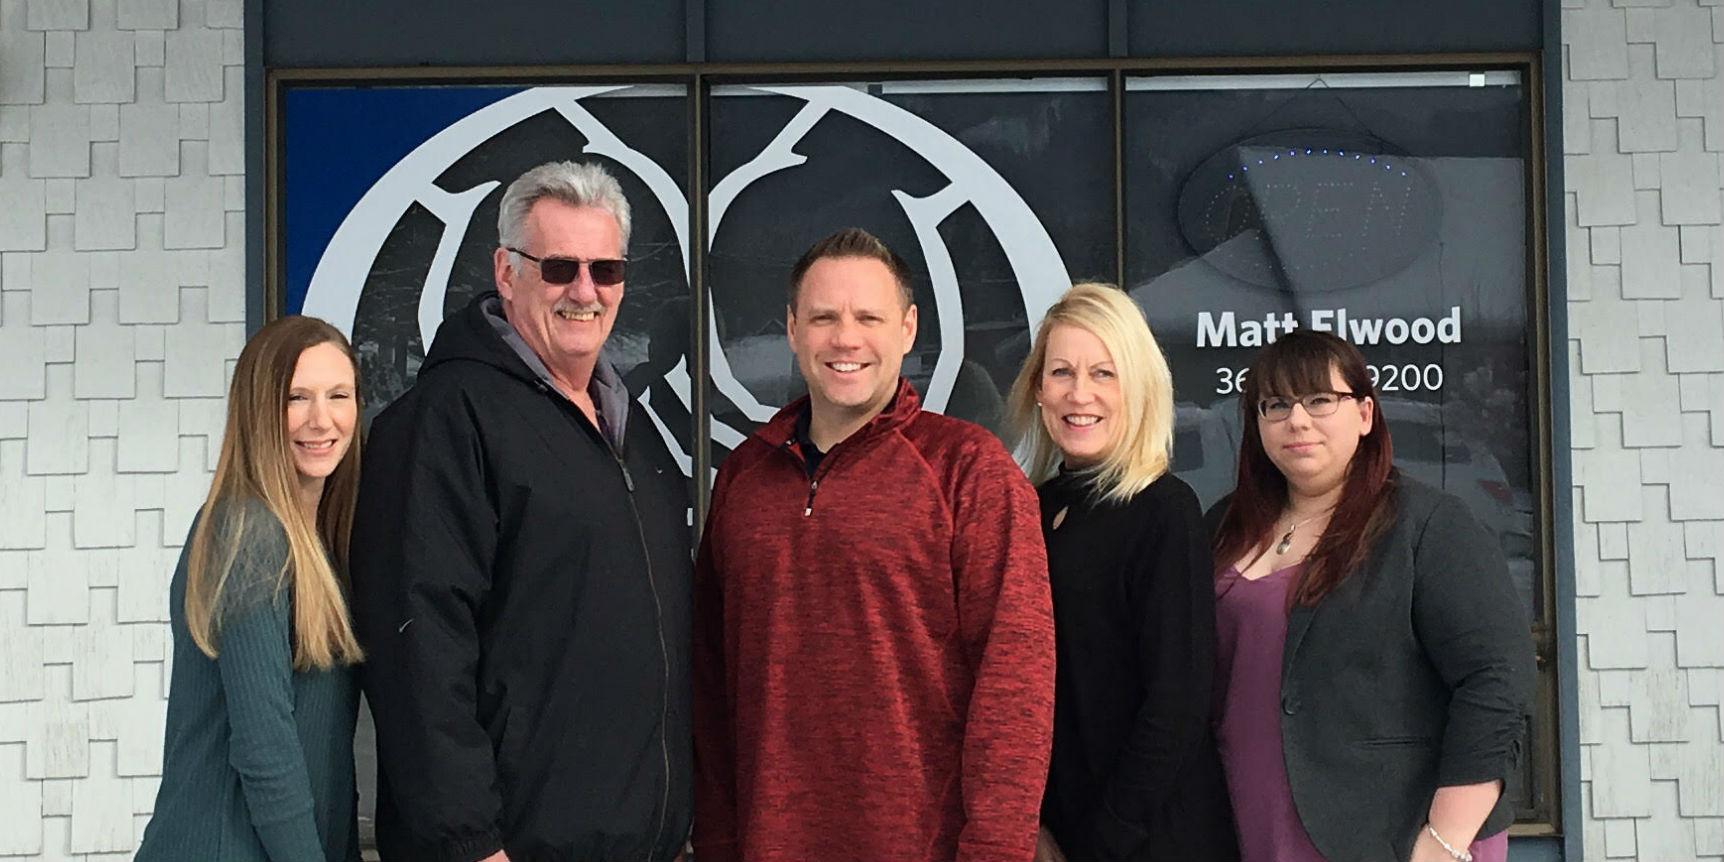 Matt Elwood: Allstate Insurance image 20